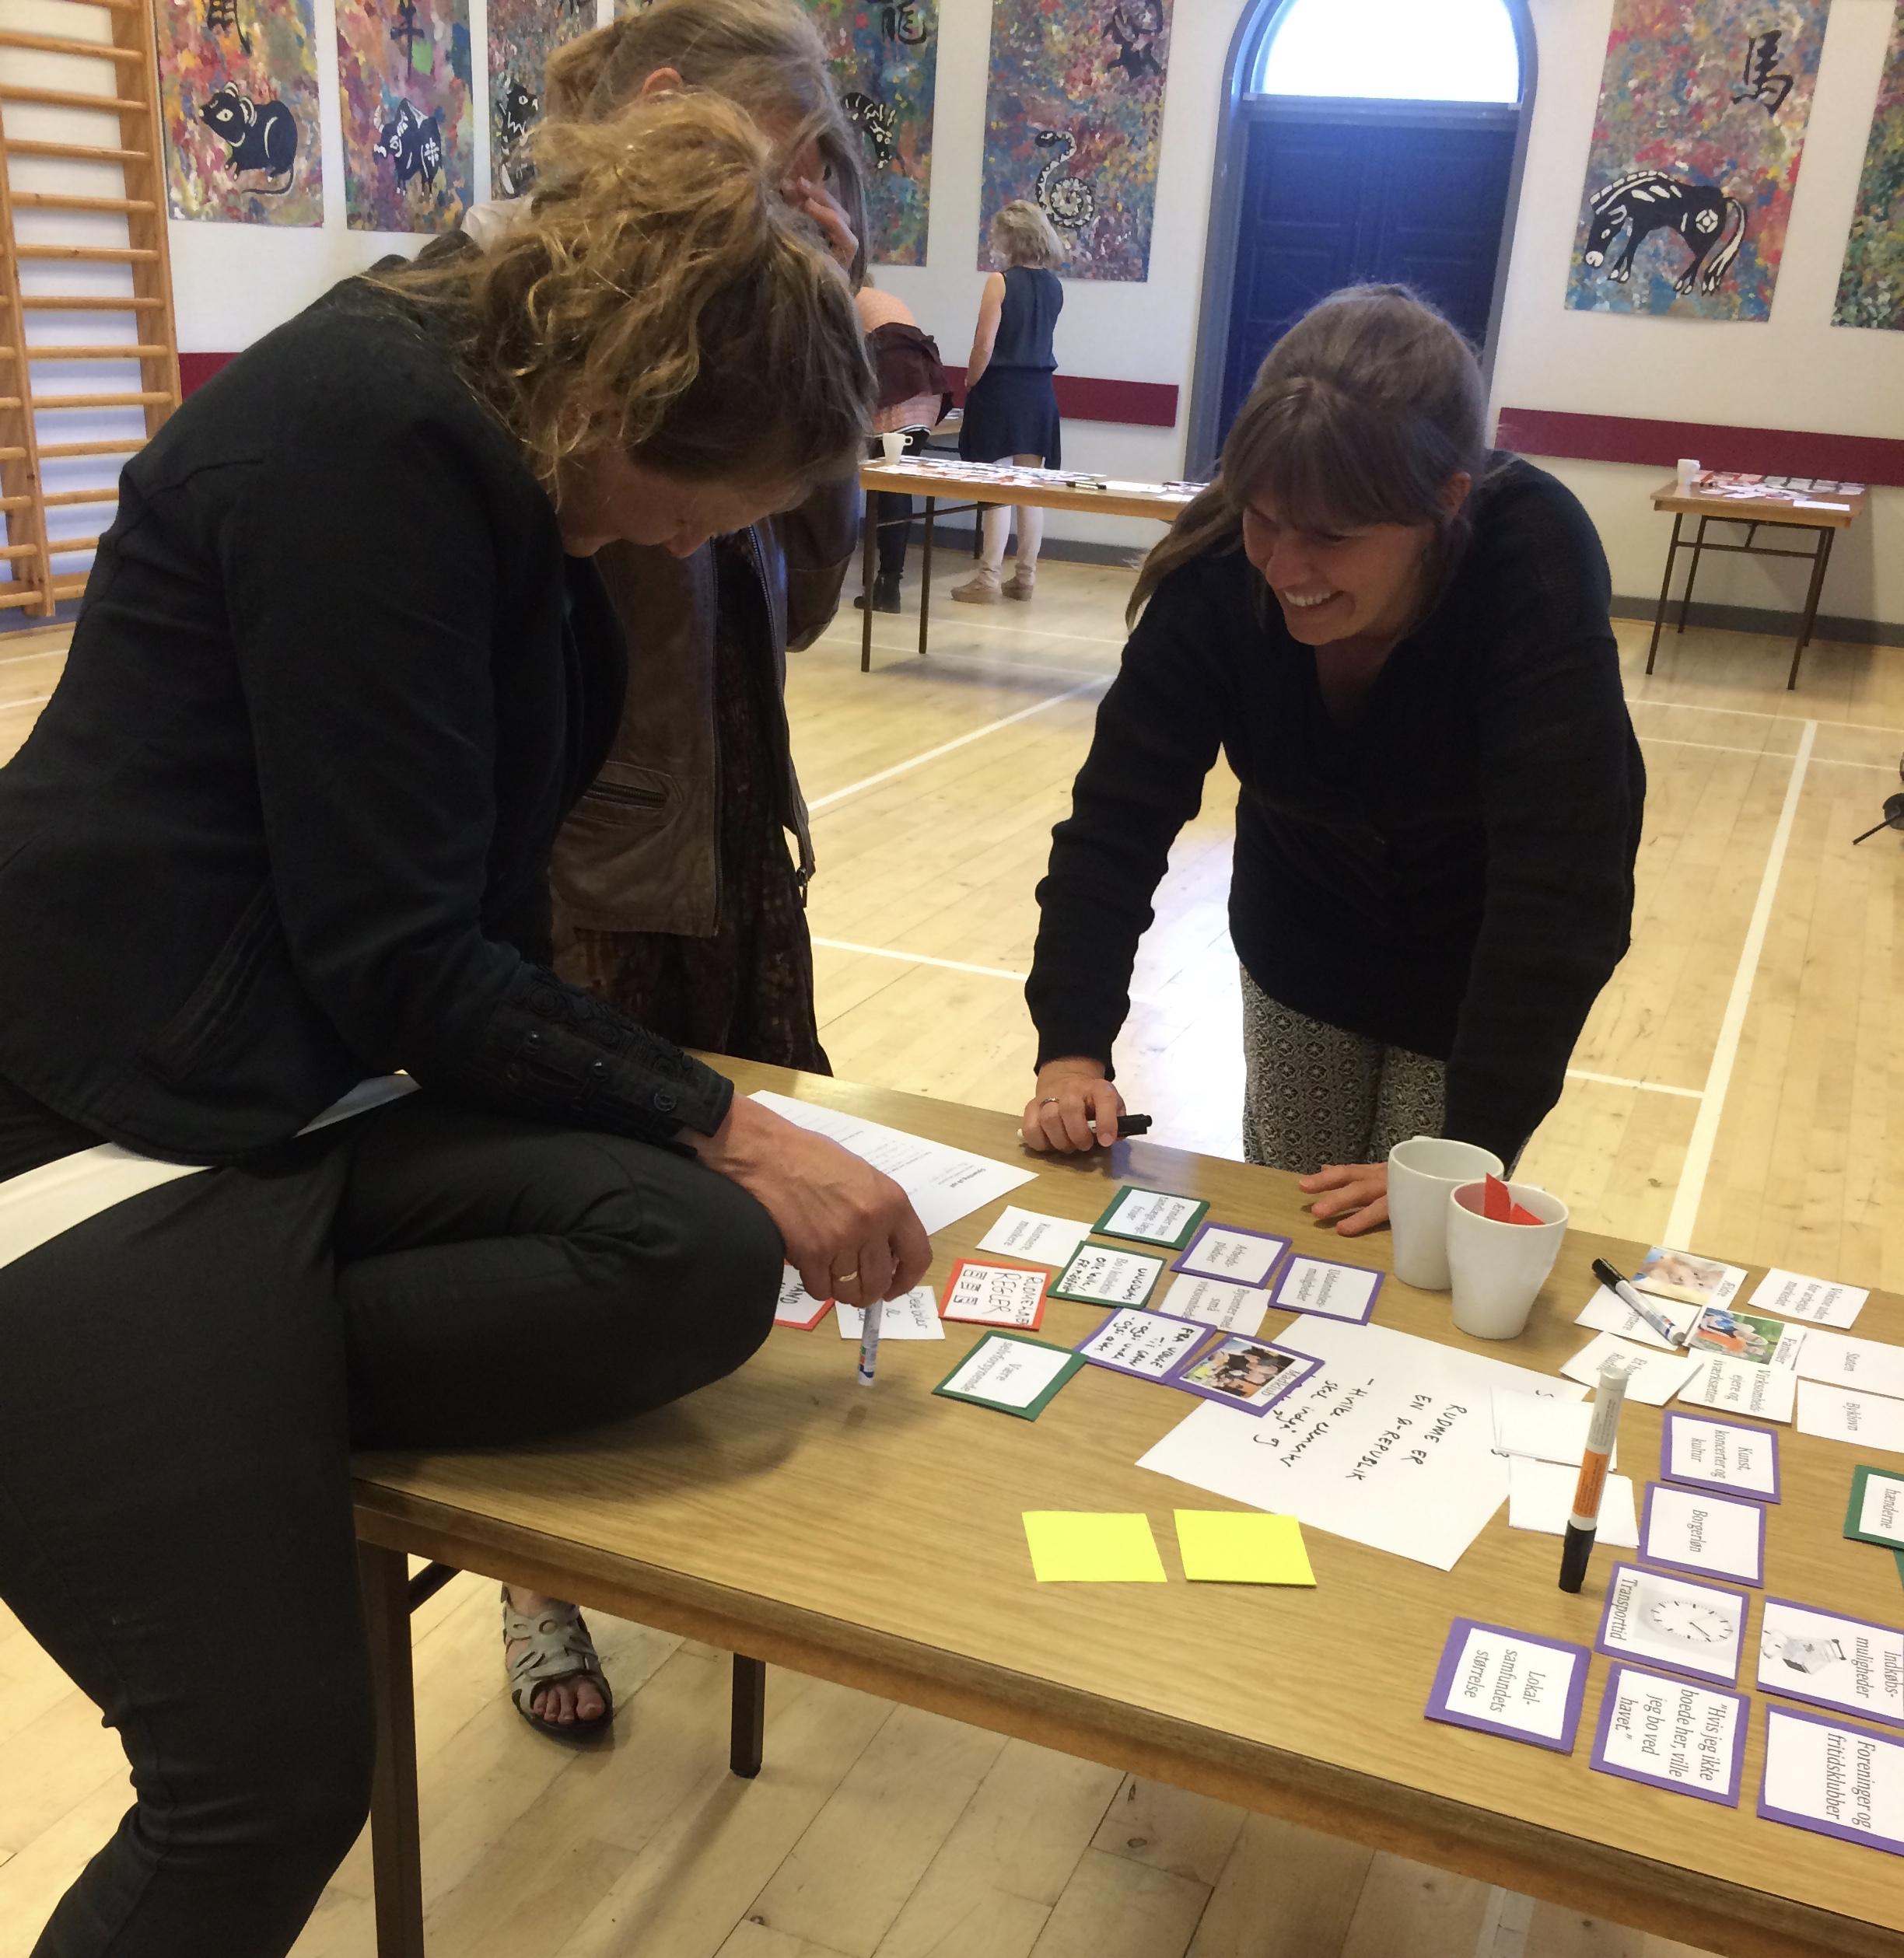 Case: Borgerinput til lokaludviklingsplan i Rudme ved hjælp af Tovejs' dialogspil til idéudvikling